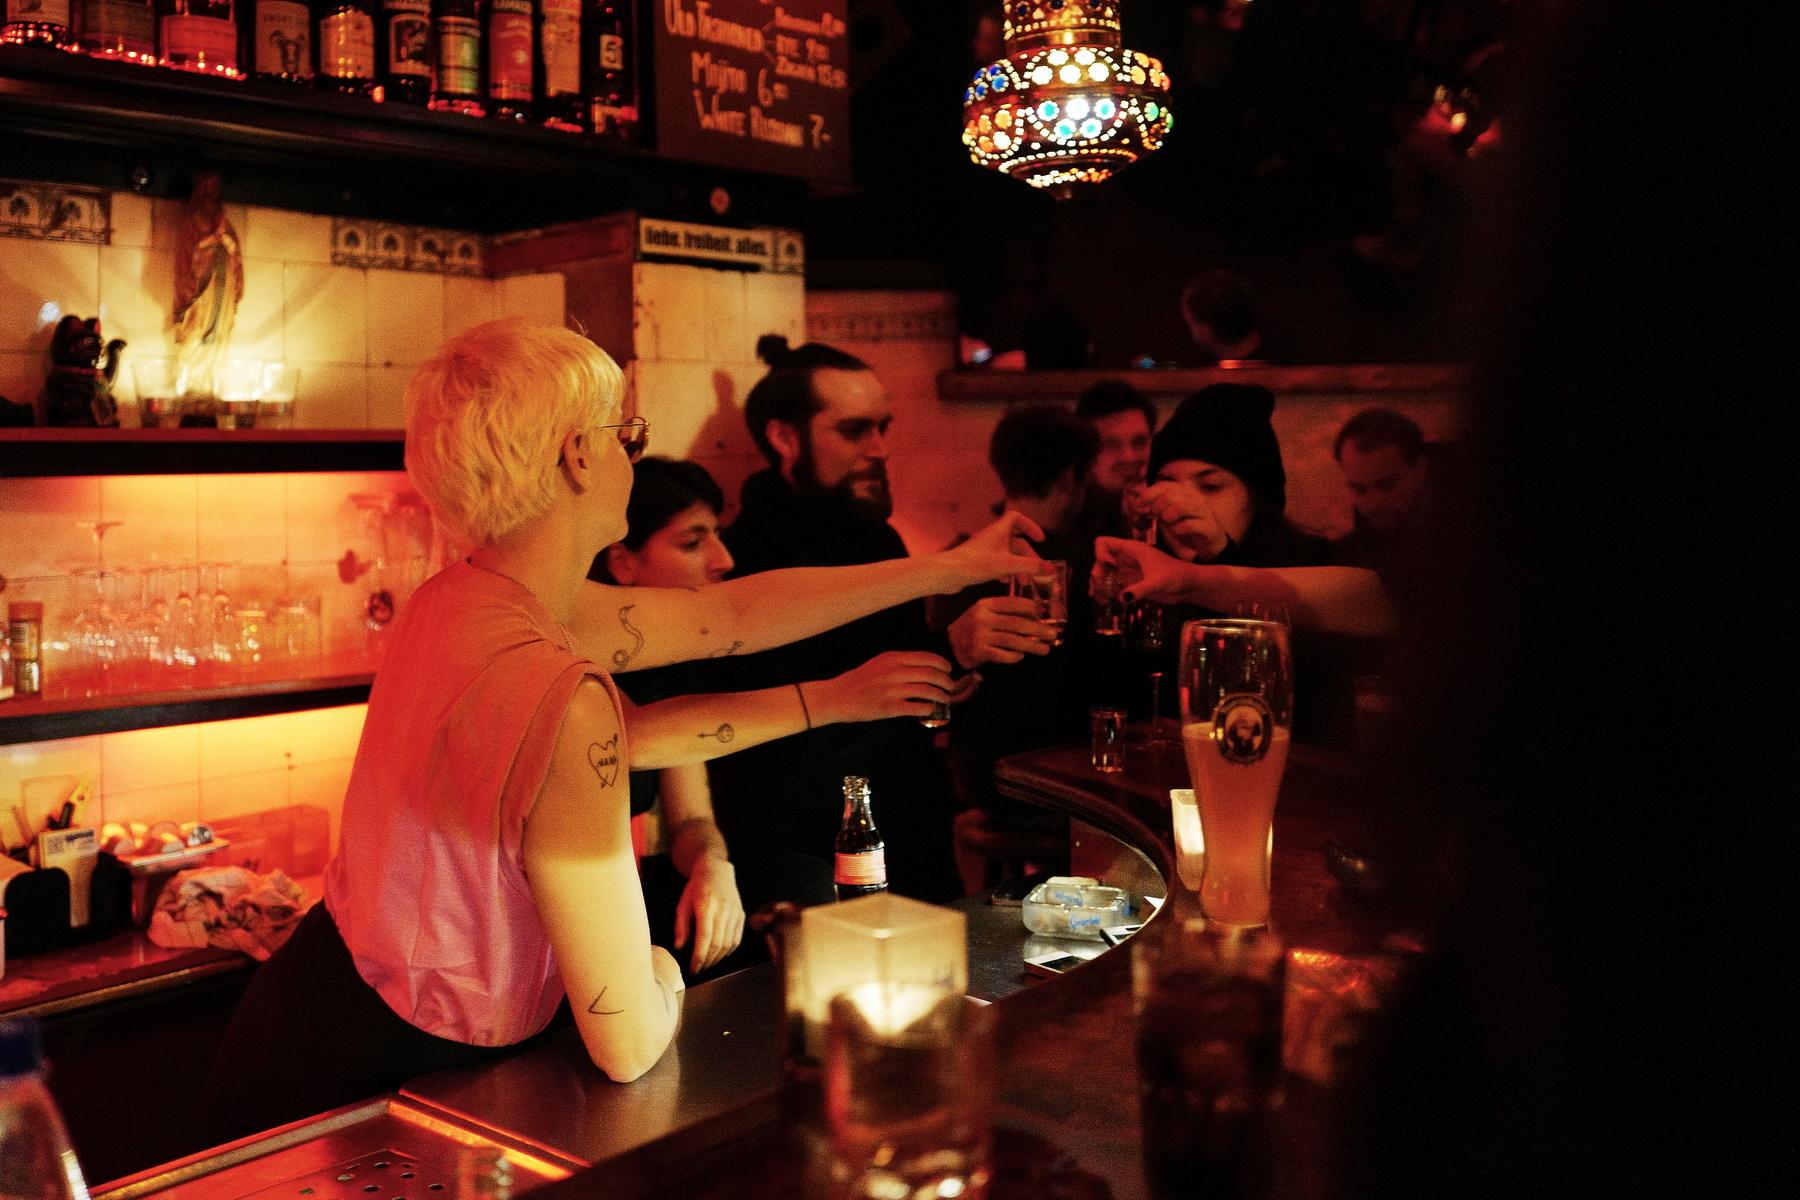 Geheimtipp Hamburg Essen & Trinken Bar Familieneck Ottensen Lisa Knauer 21